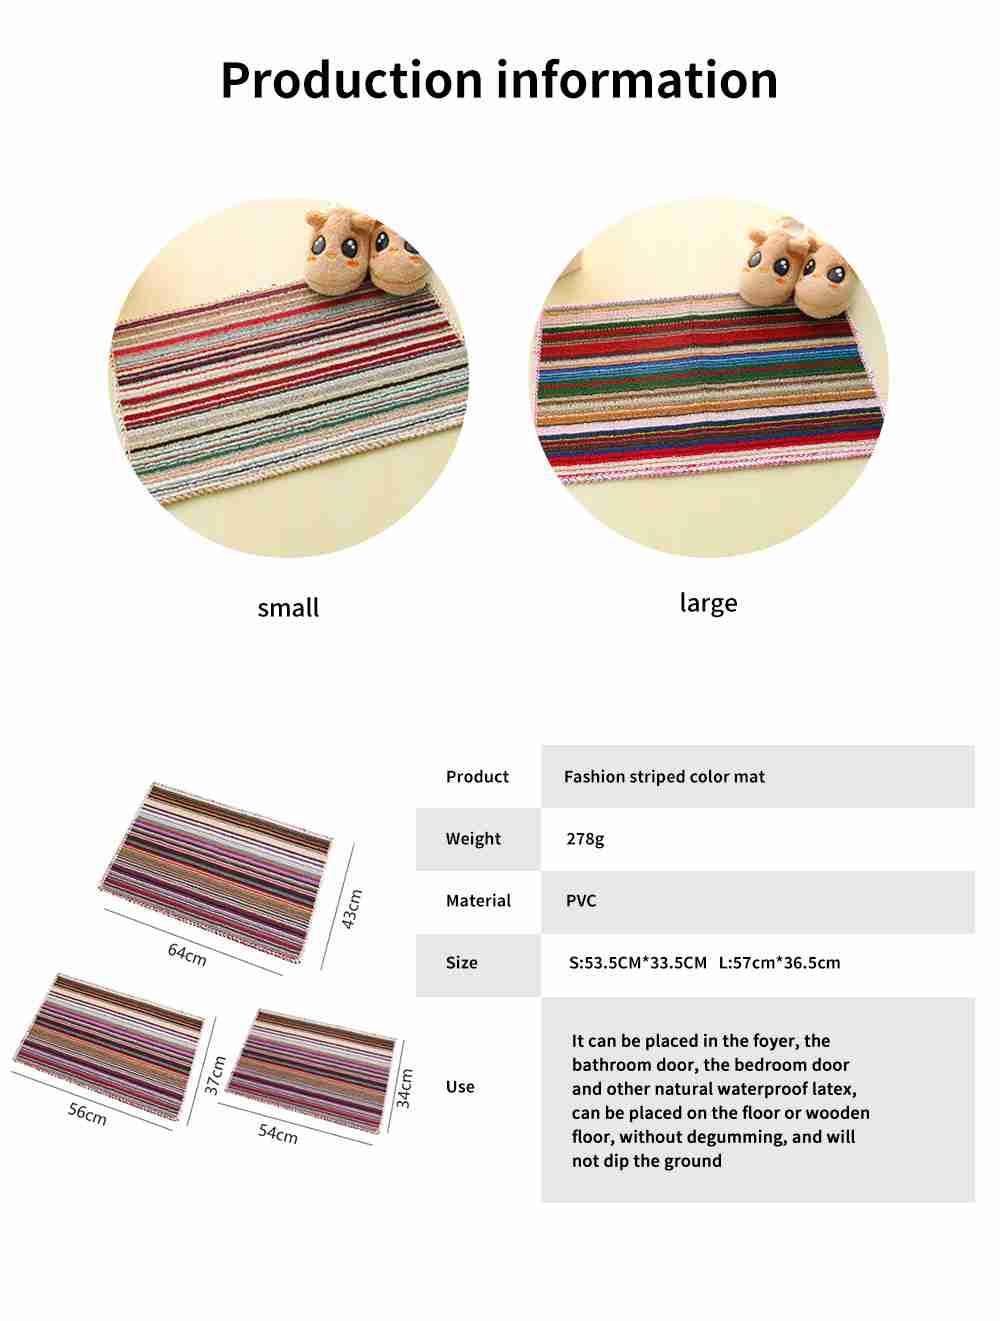 Hot Small Color Floor Mats, Kitchen Bathroom Anti-slip Door Mats 6